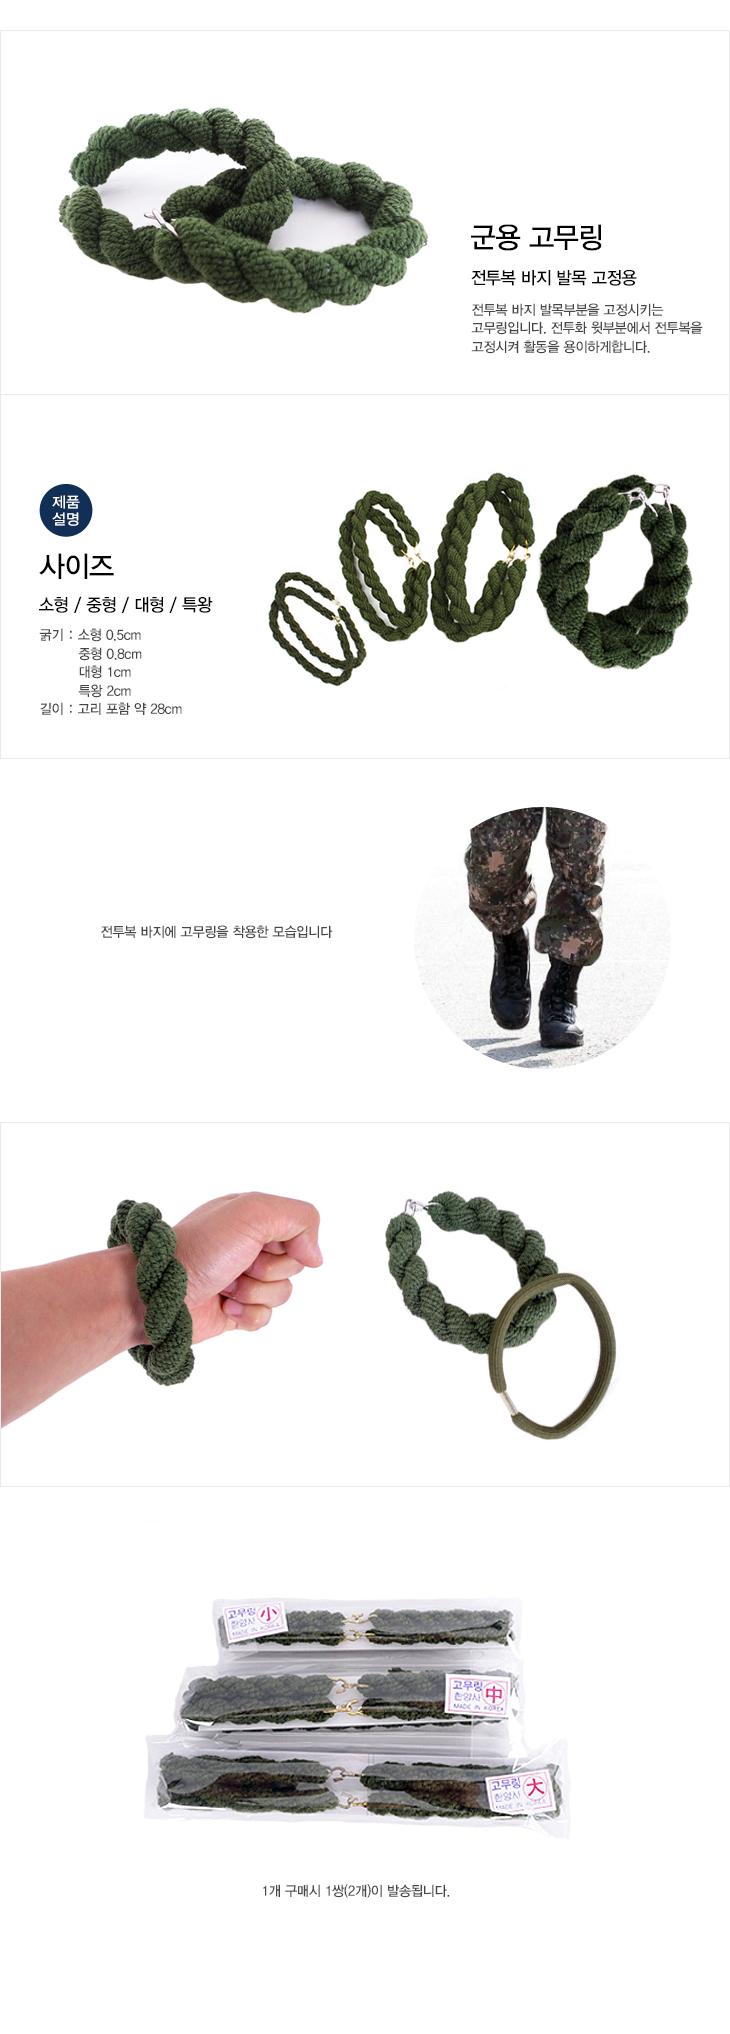 군인 고무링 - 쿠닌, 1,000원, 신발소품, 클리너